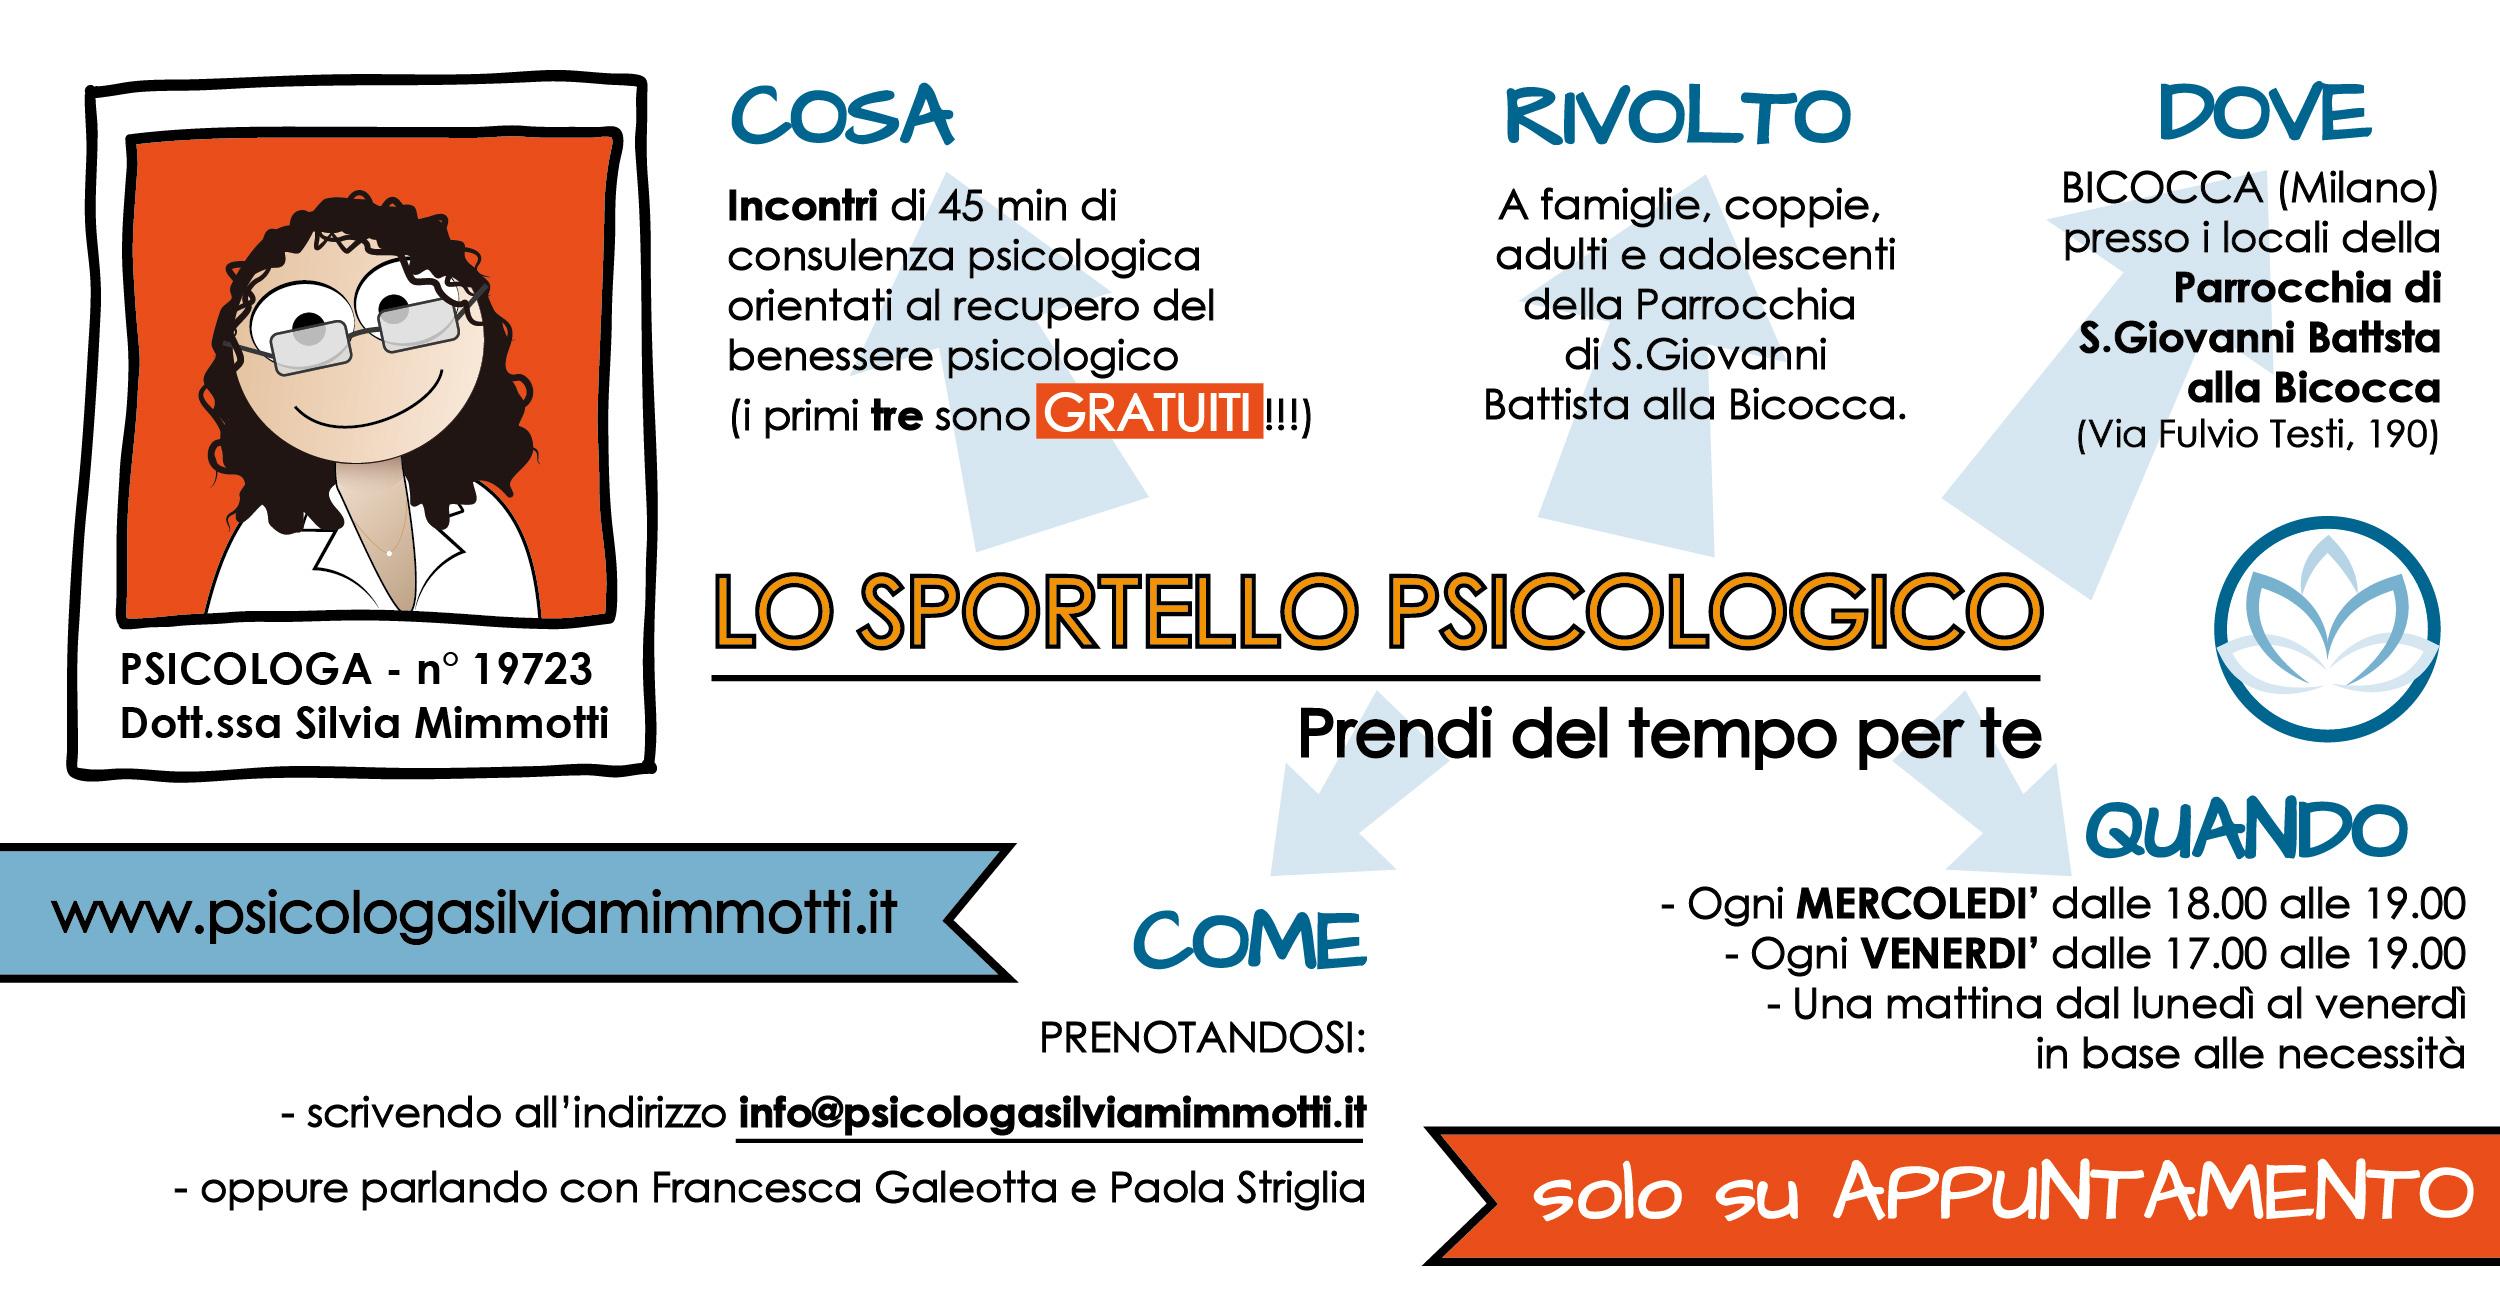 Sportello Psicologico Psicologa Silvia Mimmotti